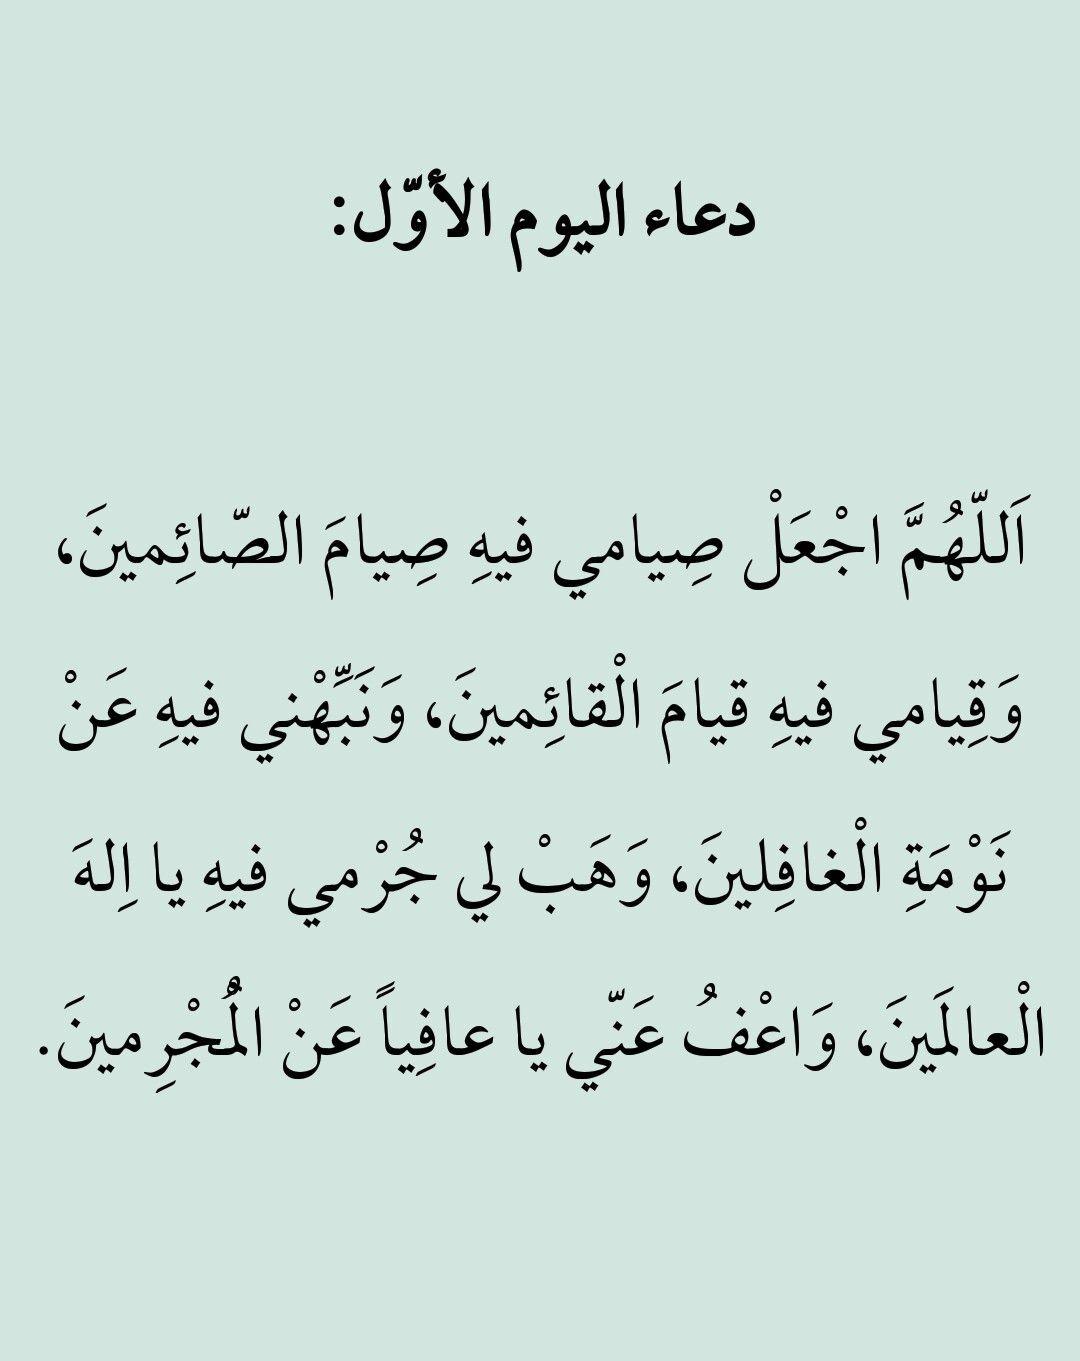 دعاء اليوم الاول من رمضان Ramadan Quotes Ramadan Prayer Islamic Phrases